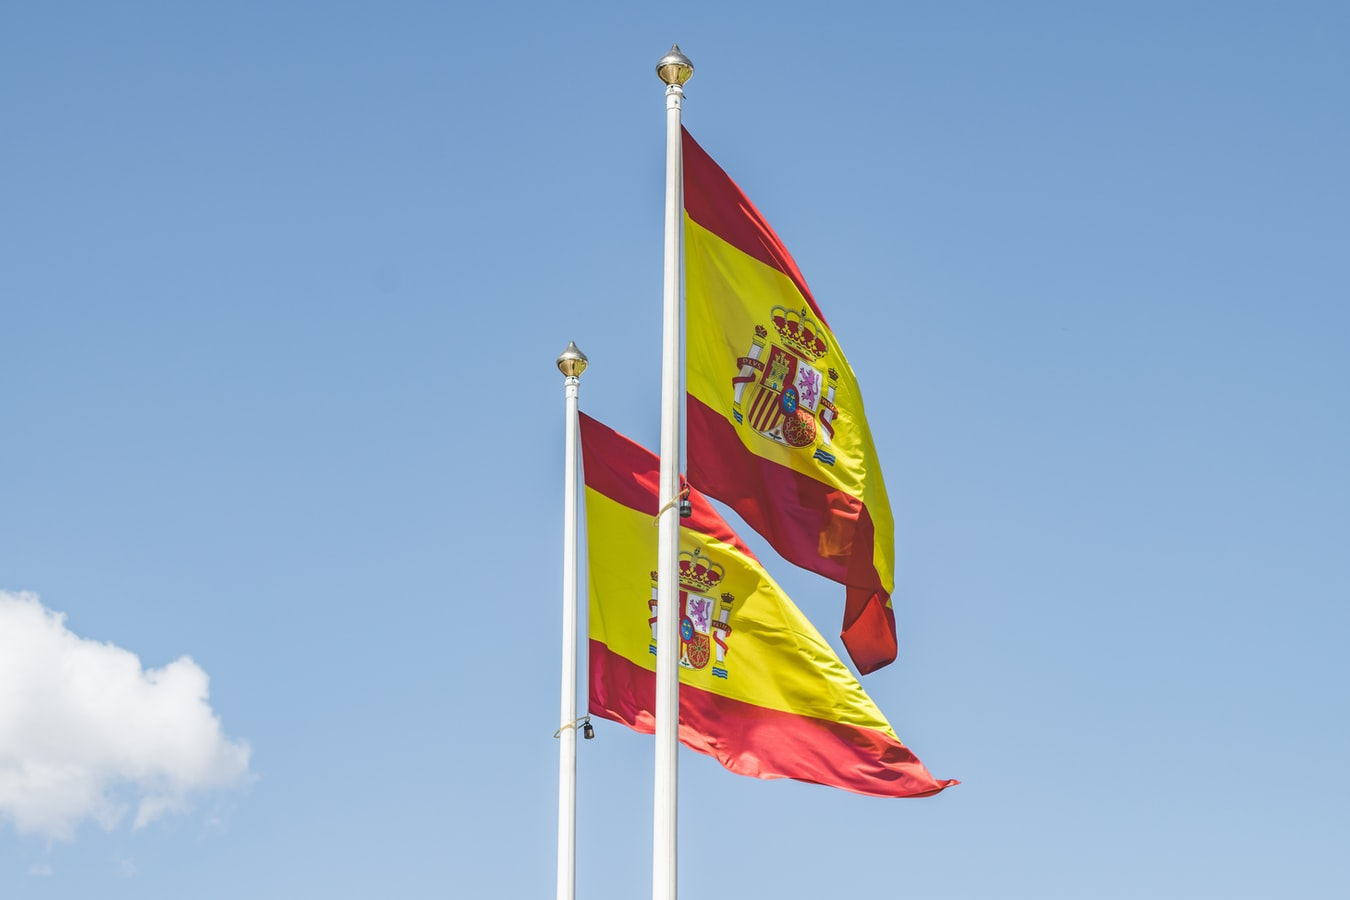 Vận chuyển hàng Tây Ban Nha về Việt Nam giá rẻ và an toàn